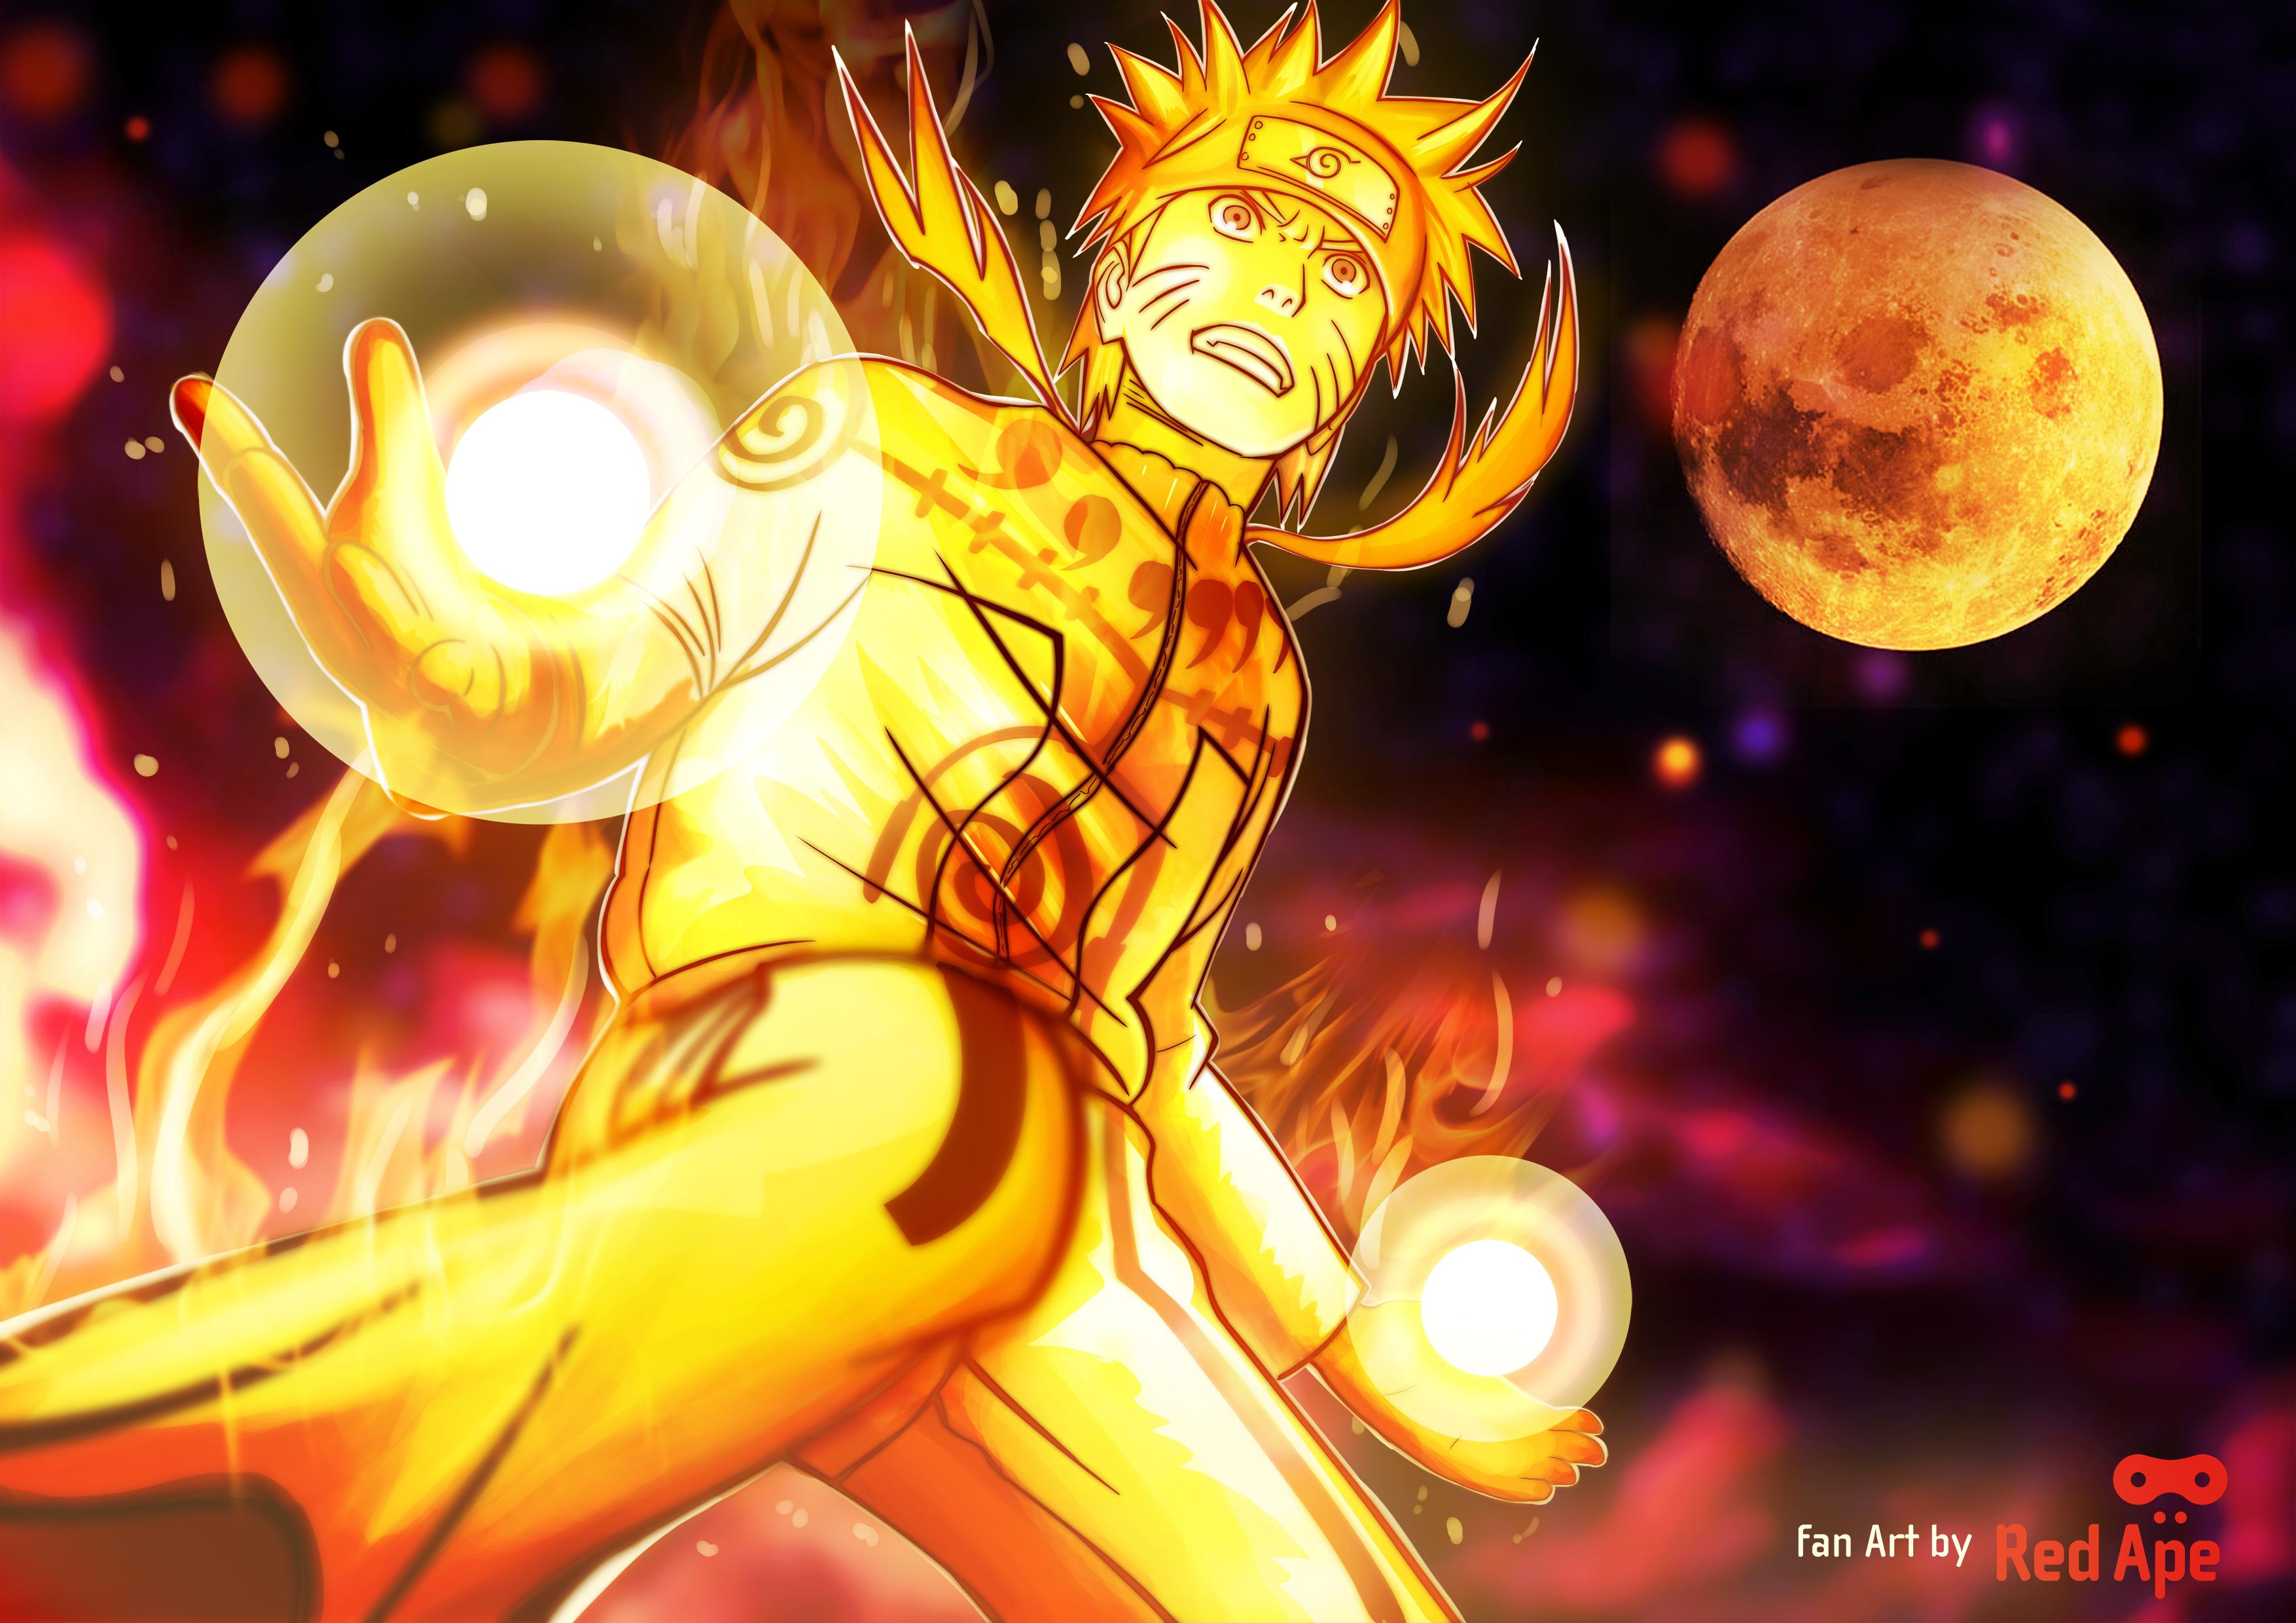 Mode Naruto Chakra Mode Naruto Uzumaki Naruto's Chakra Mode Naruto